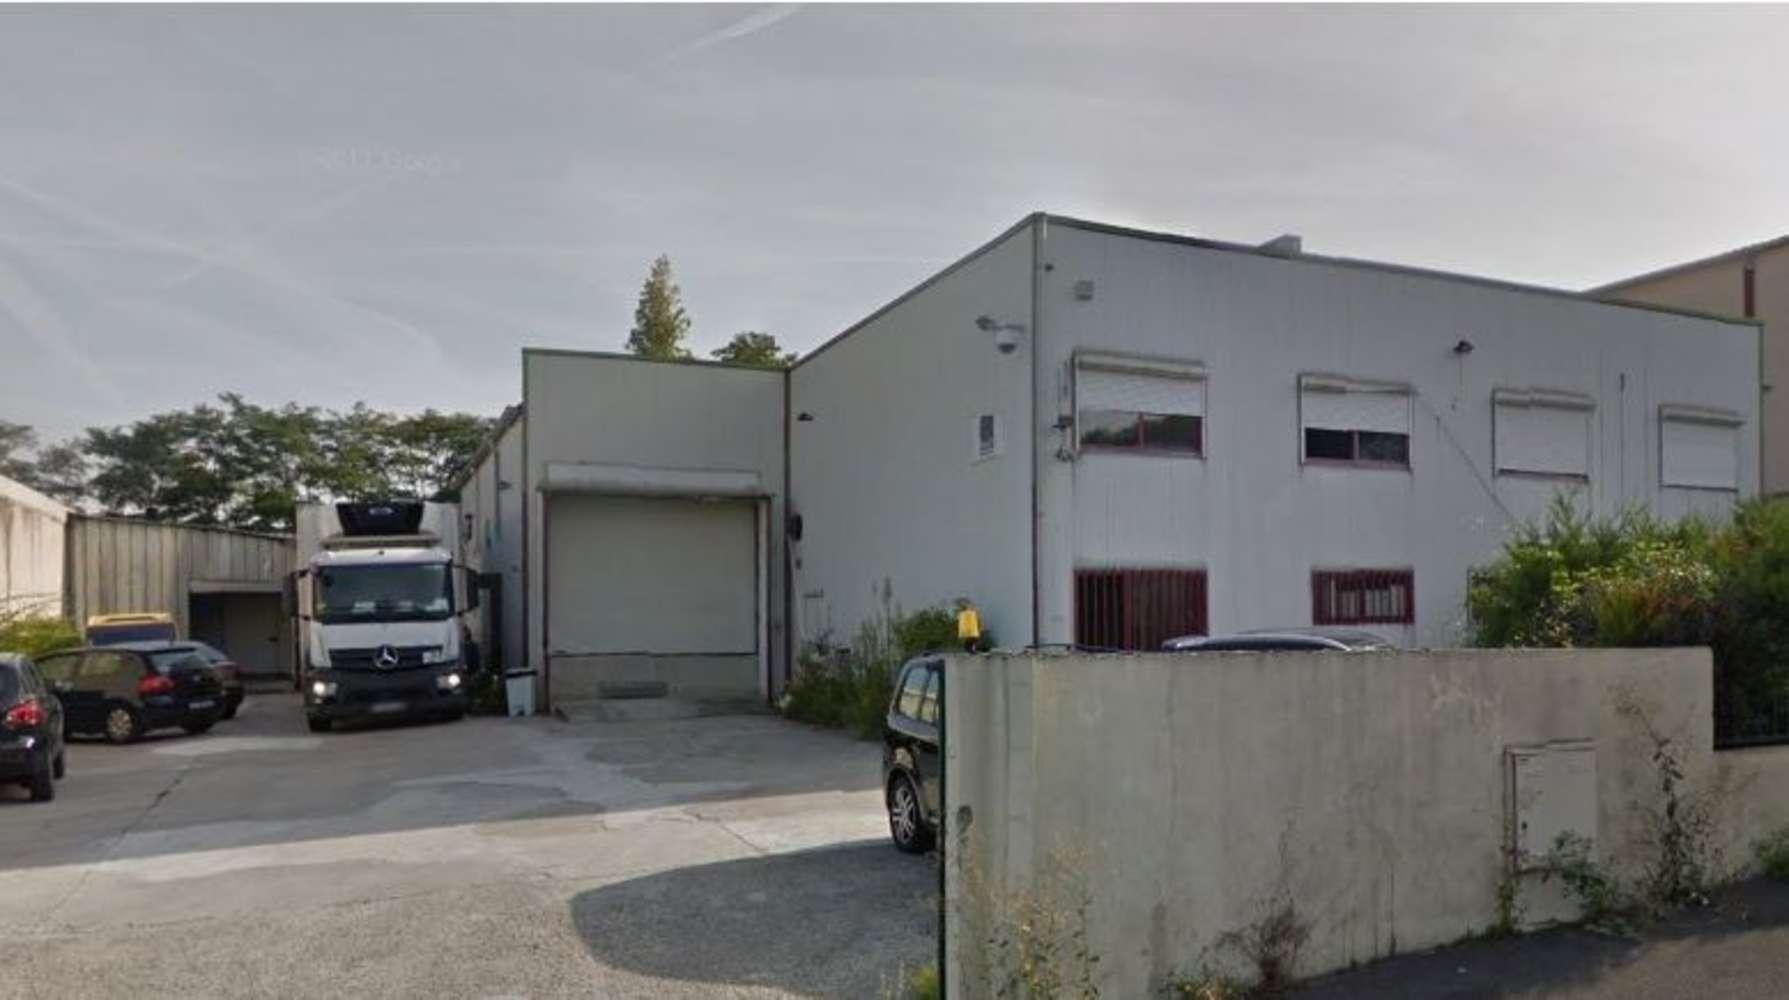 Activités/entrepôt Clichy sous bois, 93390 - 15 ALLEE DE LA FOSSE MAUSSOIN - 9507910